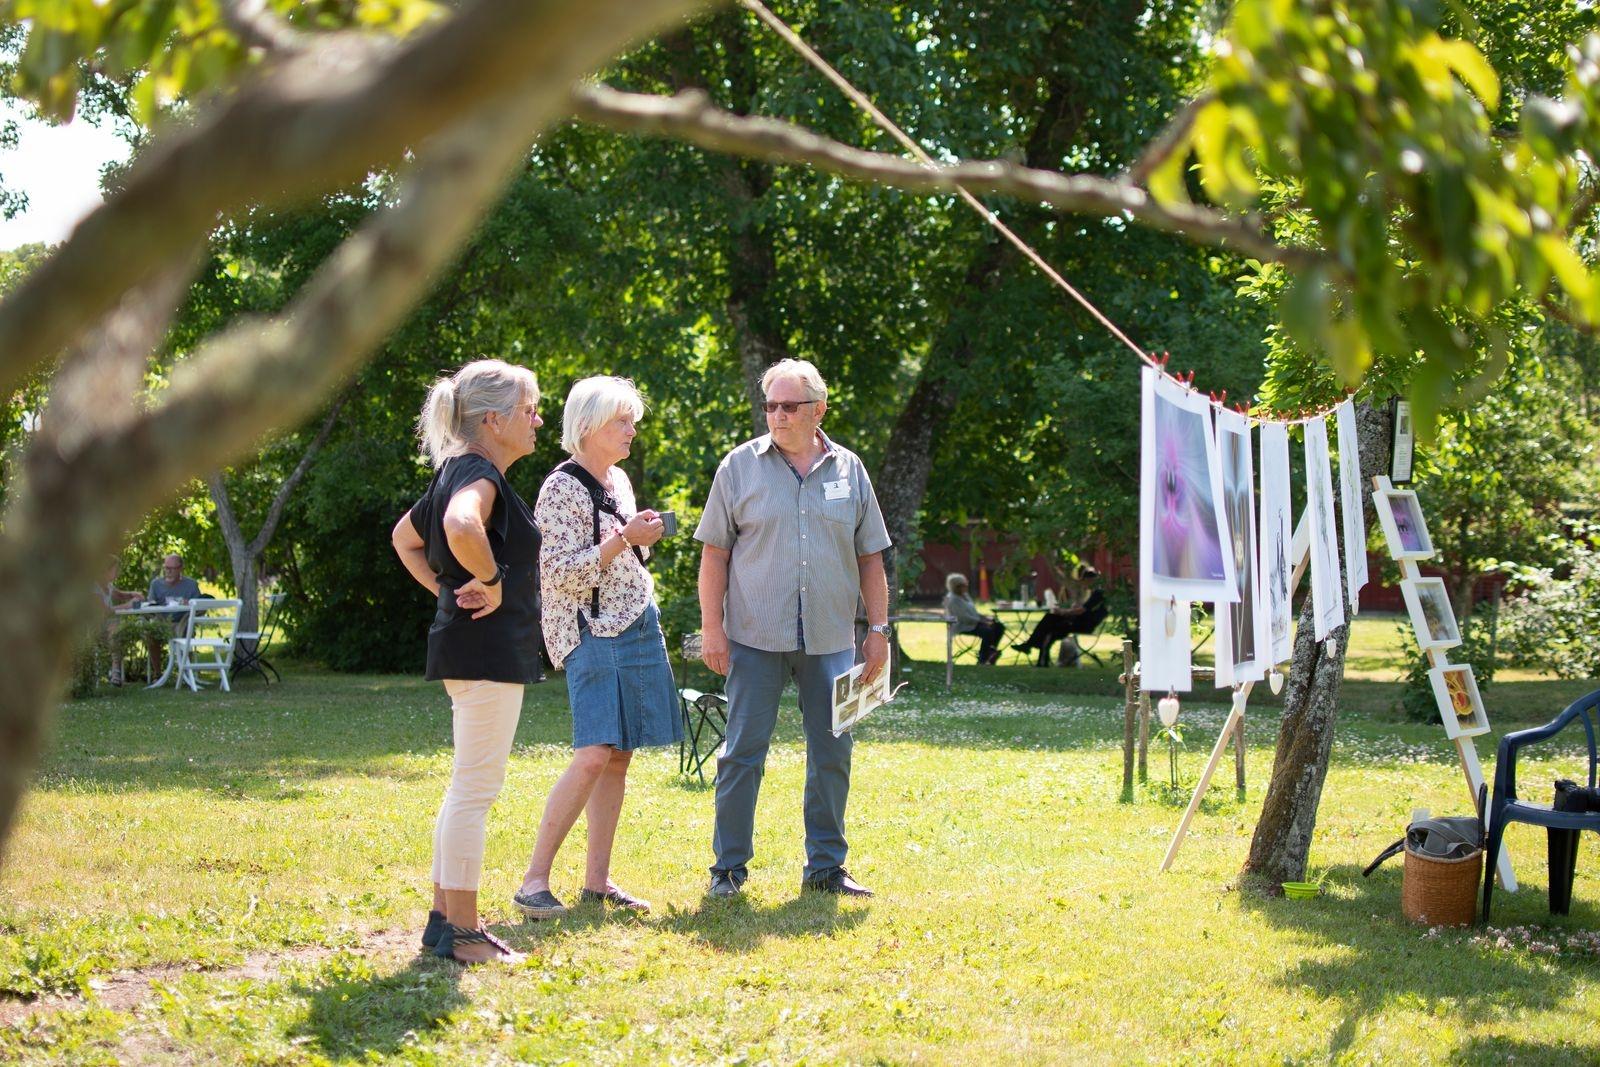 Kalmar Fotoklubb var premiärgäster på evenemanget Tavlor i träden. Här är det Veronica Forsberg, Ulla Geertsen Elm och Christer Granberg som diskuterar sitt gemensamma intresse. Evenemanget Tavlor i träden, arrangeras på Krusenstiernska varje söndag i sommar, till och med den 1 augusti.